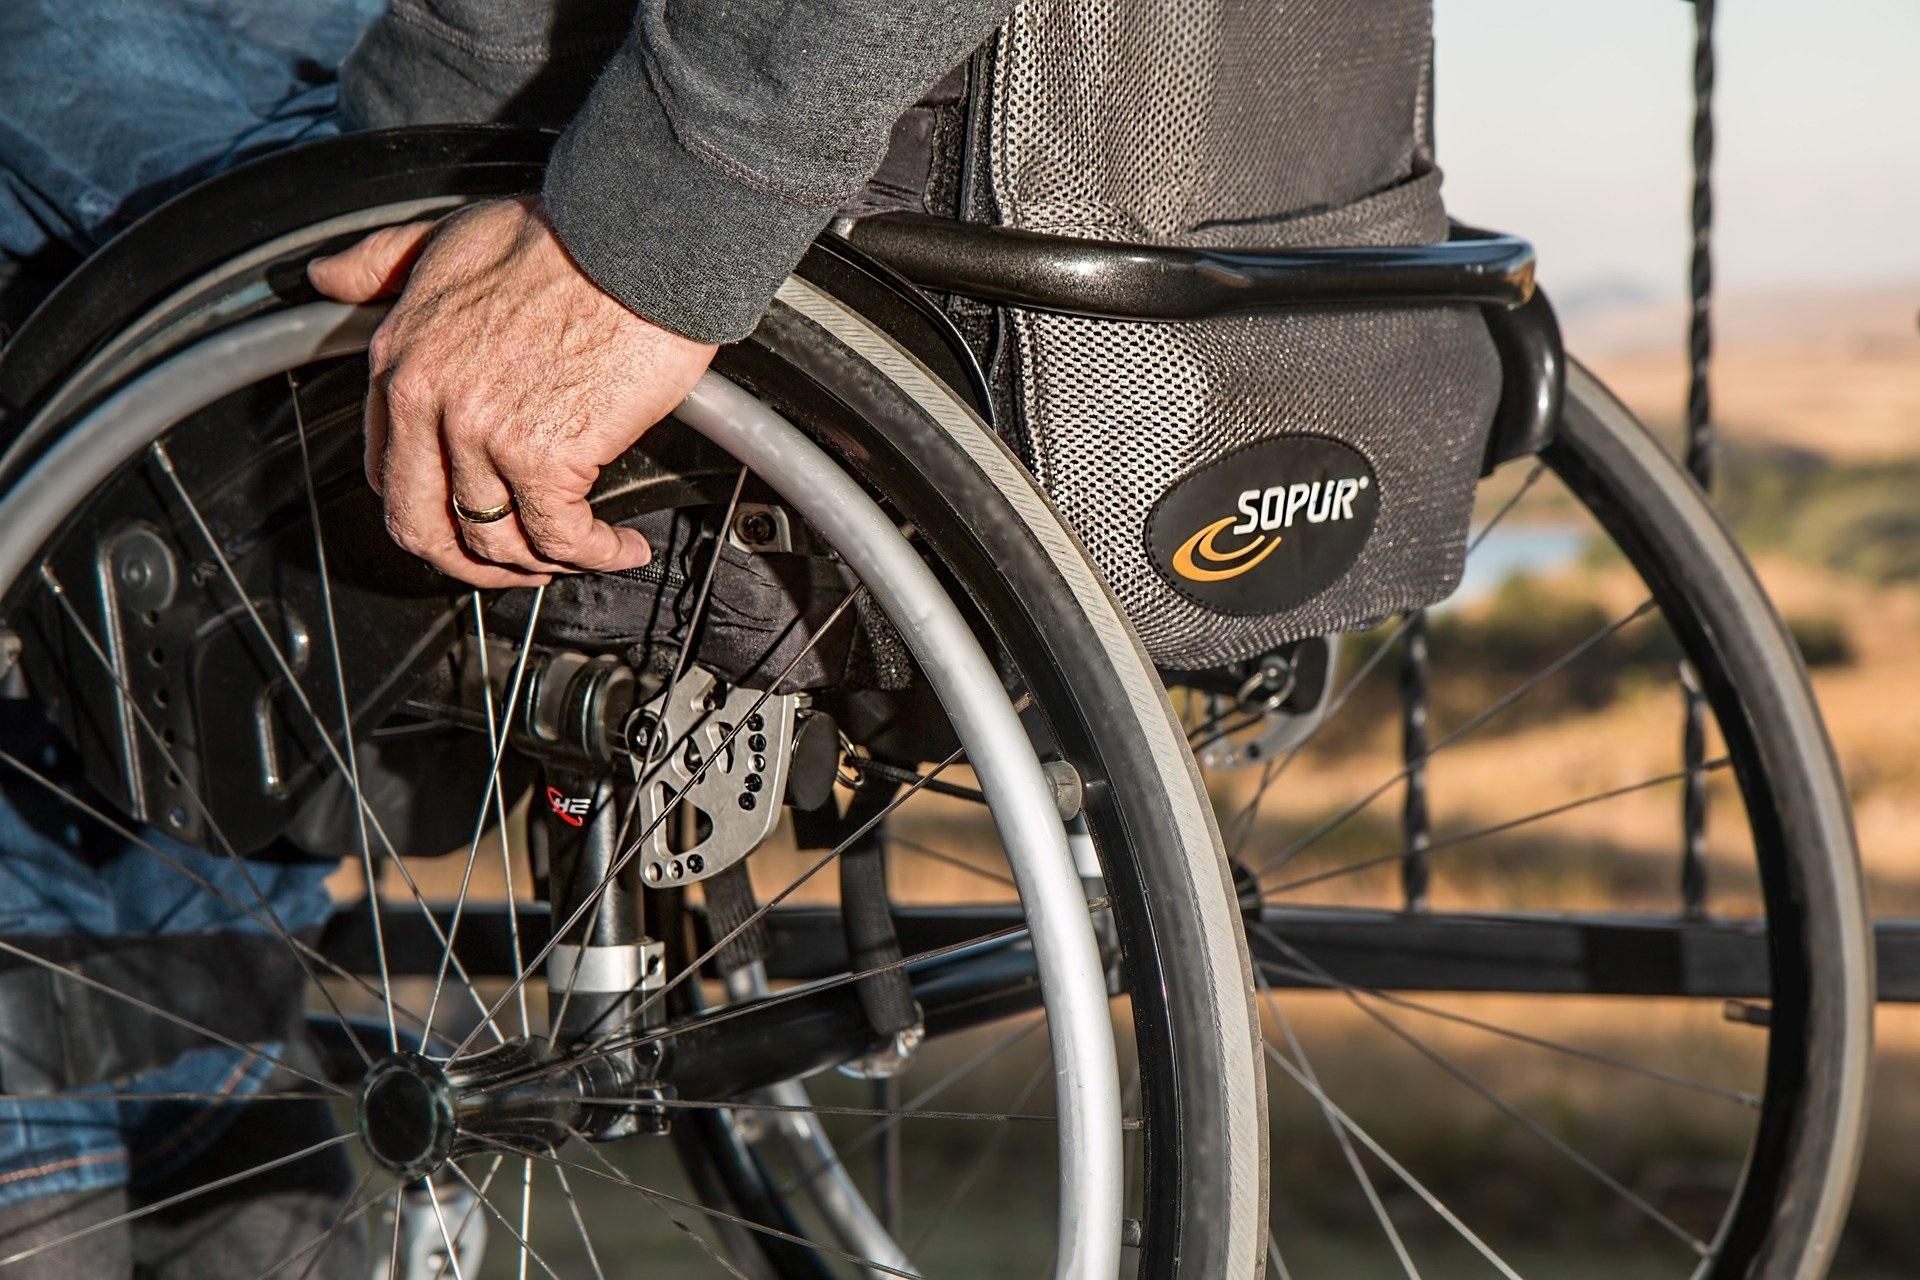 もにす認定制度~障害者雇用の拡大で全ての人に優しい社会へ